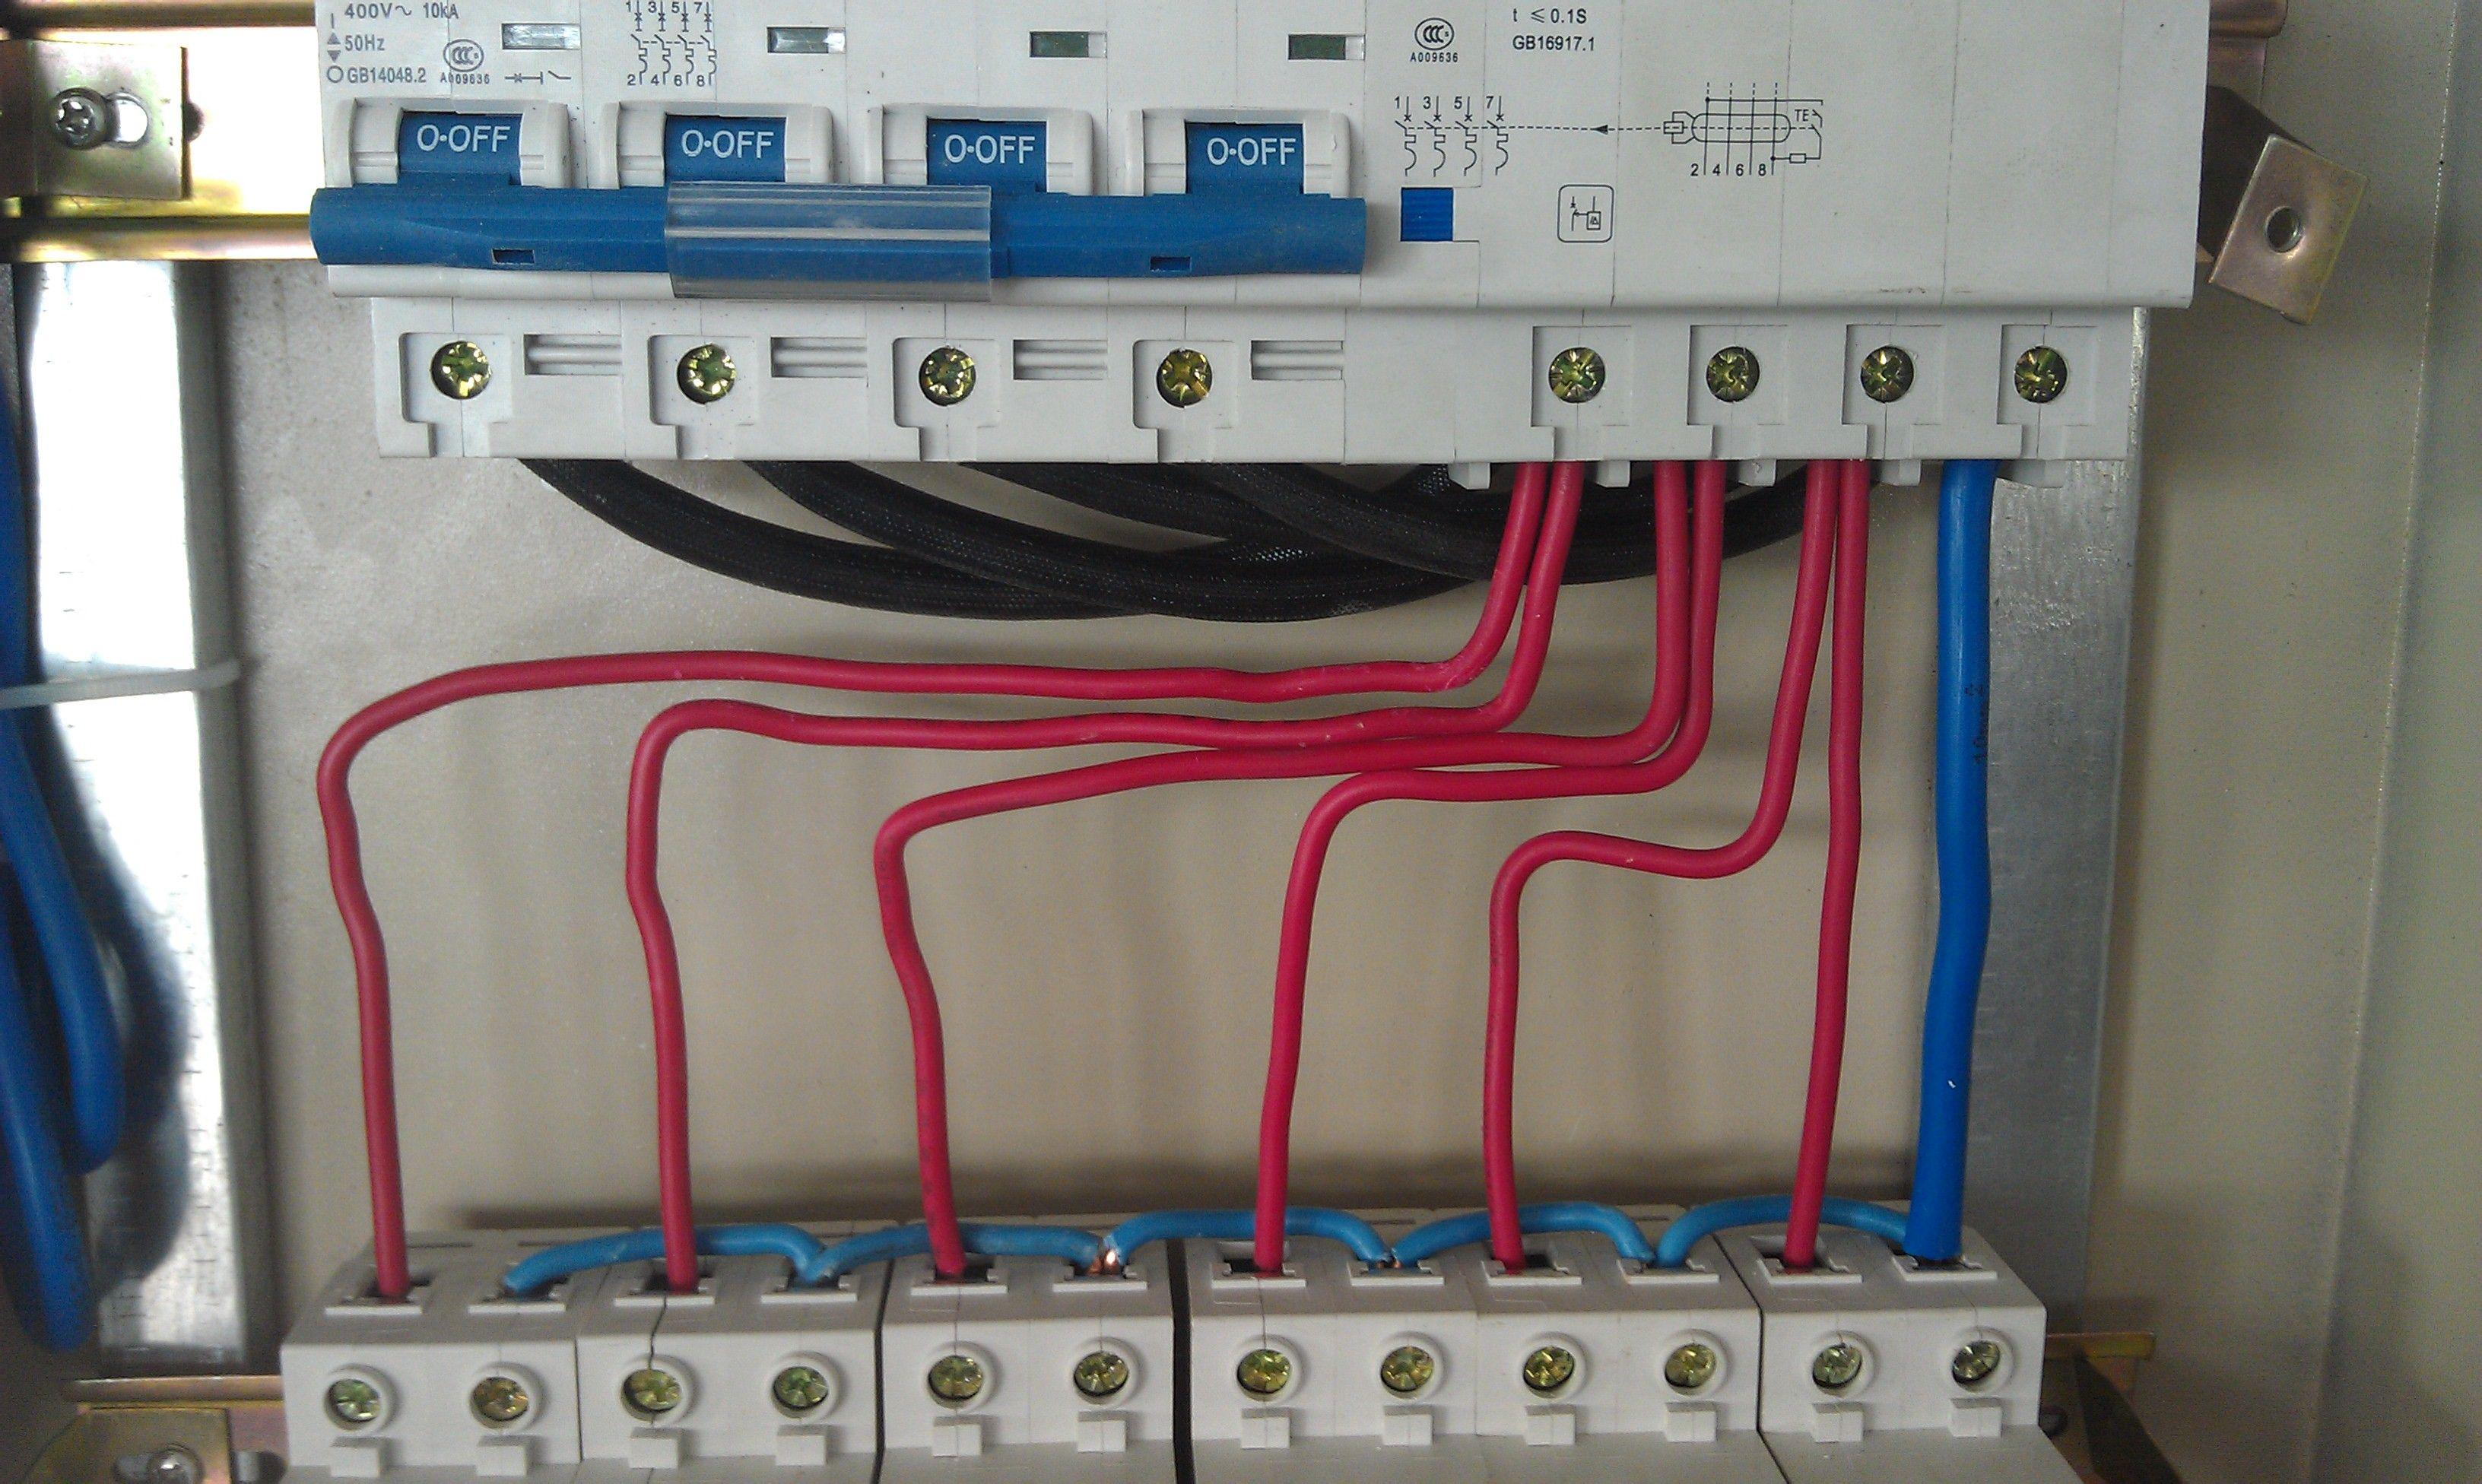 火线有电,零线没电,可是插座不能用.